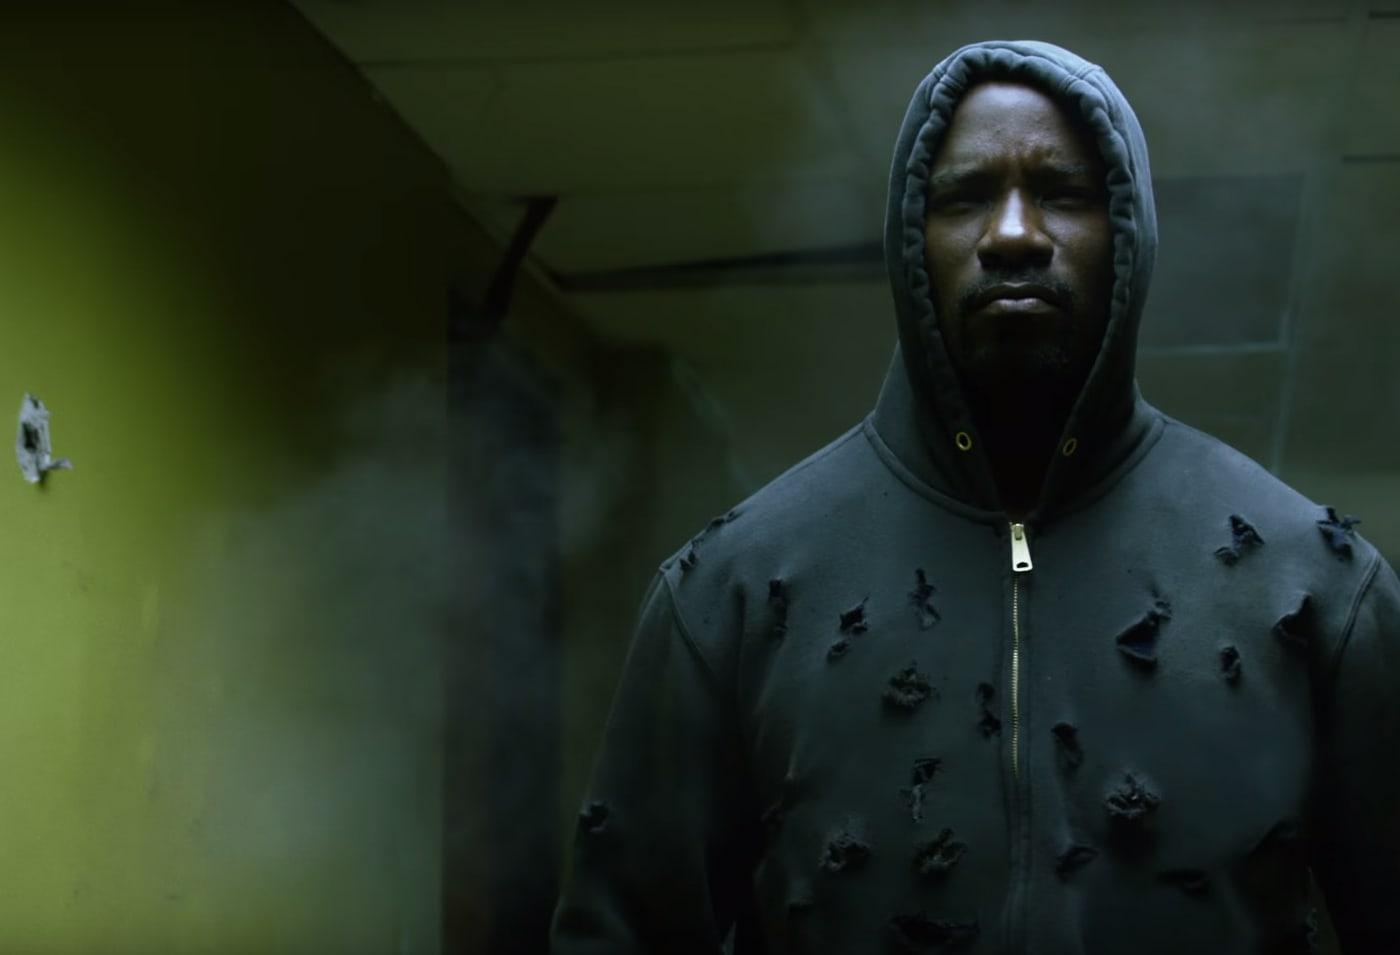 Luke Cage Netflix Marvel MovieSpoon.com